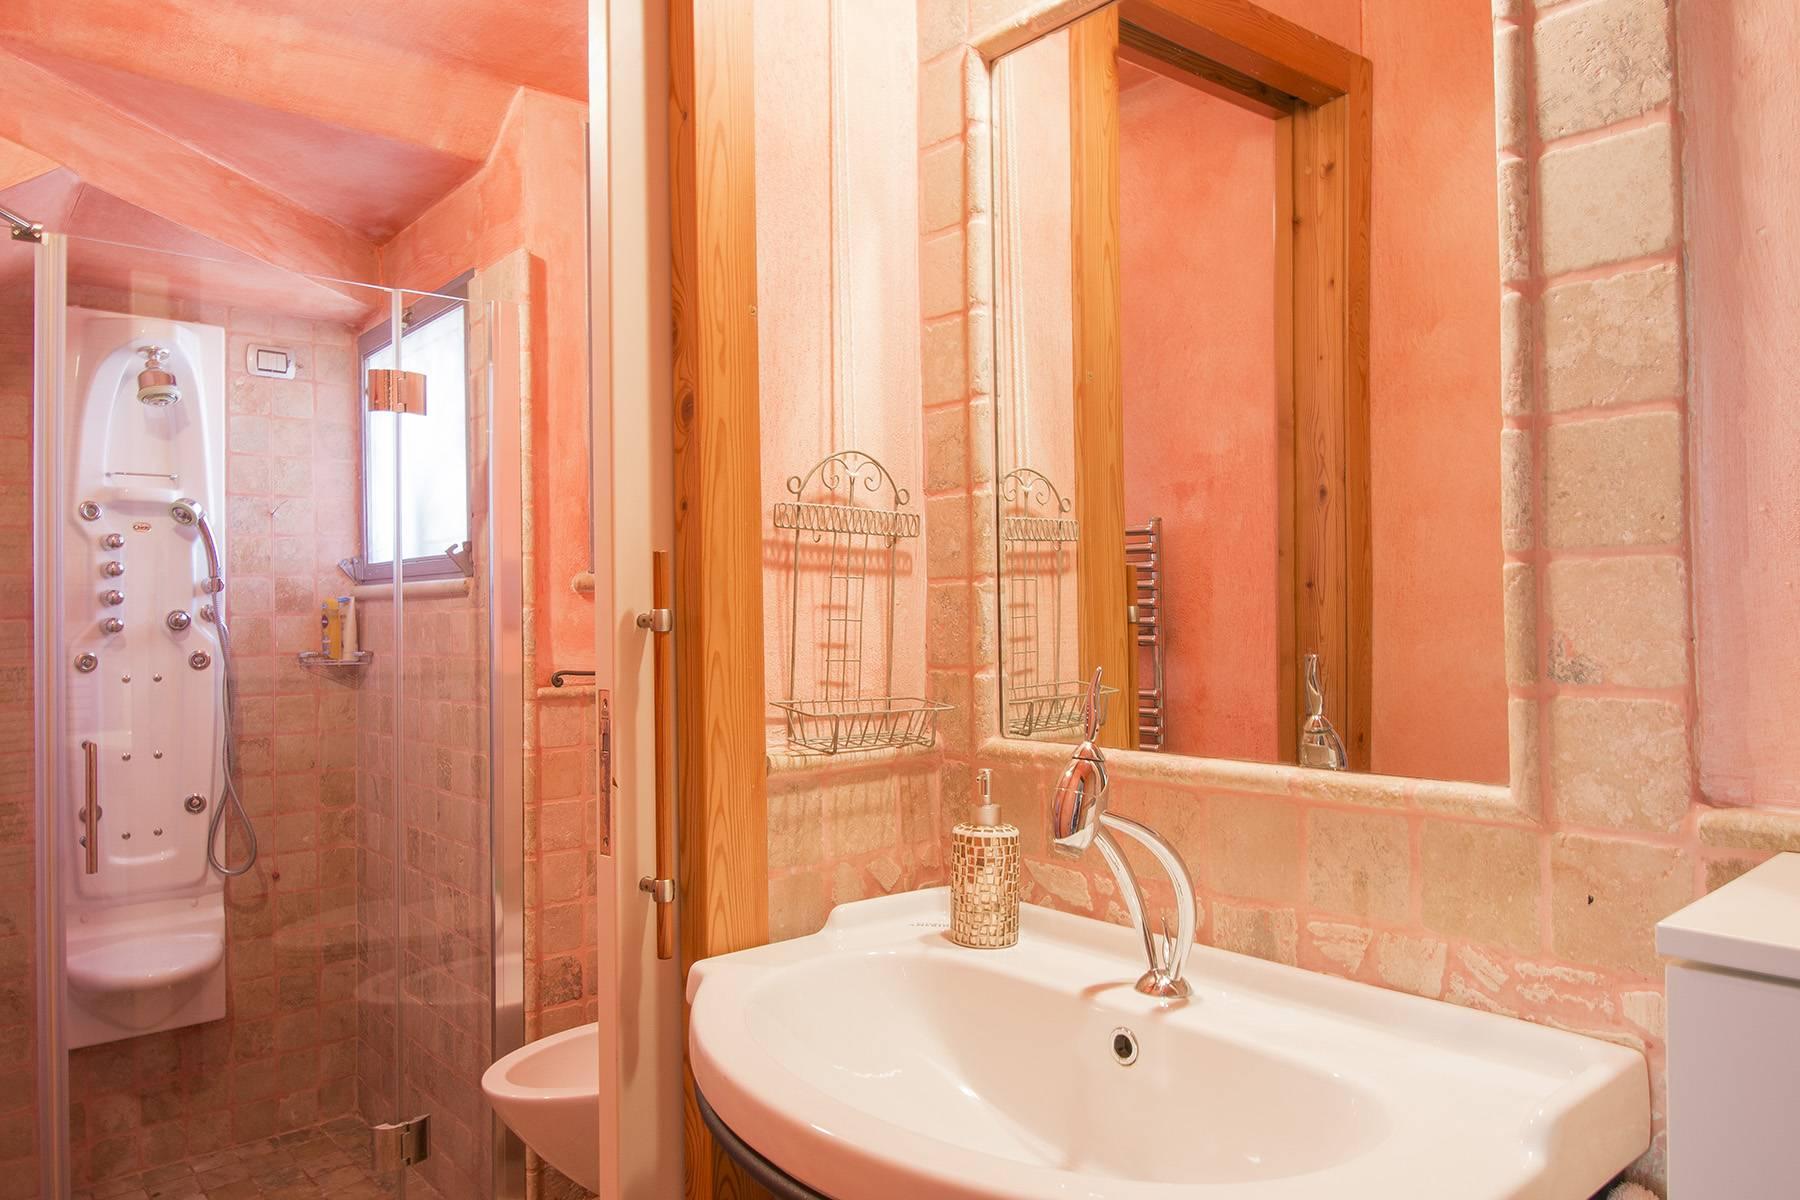 Casa indipendente in Vendita a Pietrasanta: 5 locali, 180 mq - Foto 24